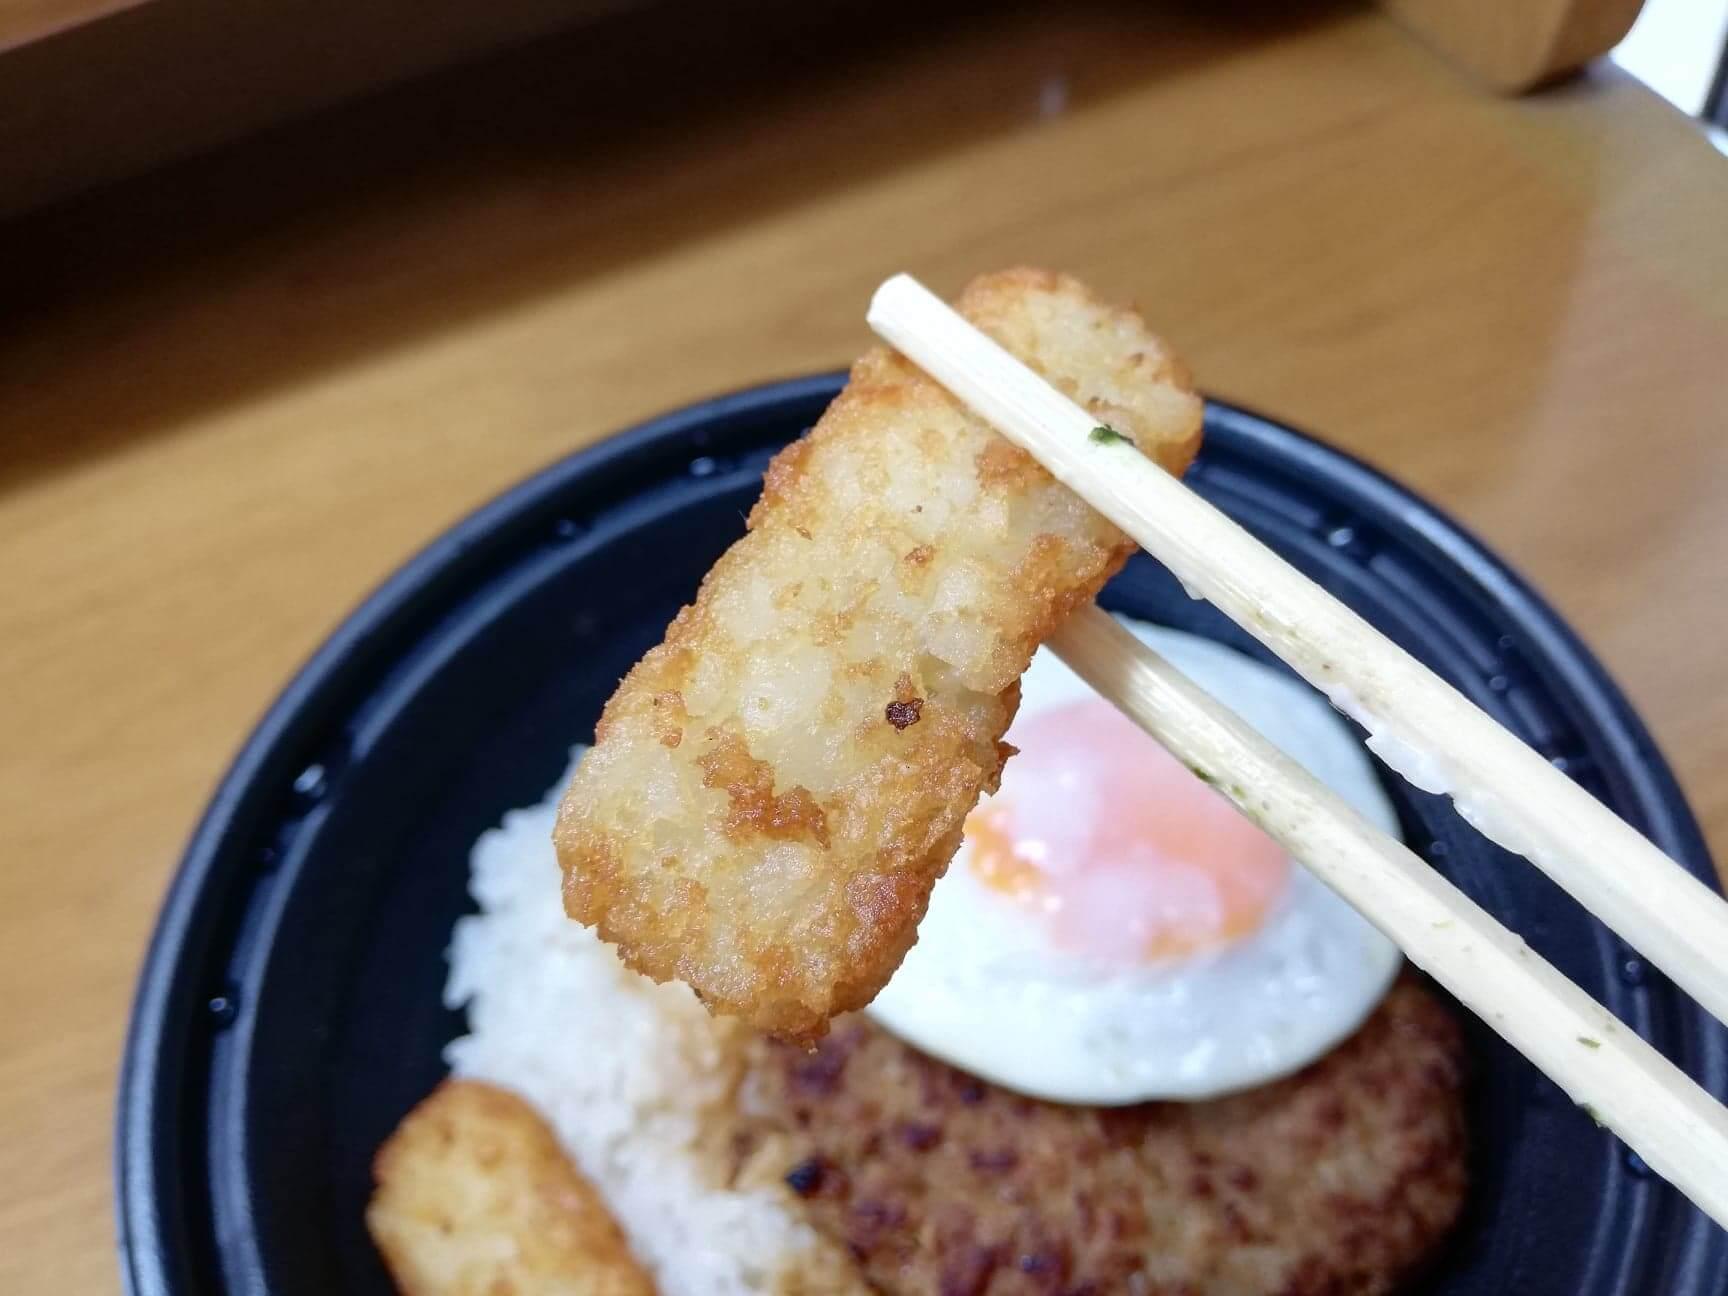 ガストのテイクアウトメニュー『ランチハンバーグロコモコ丼』のハッシュドポテトの写真